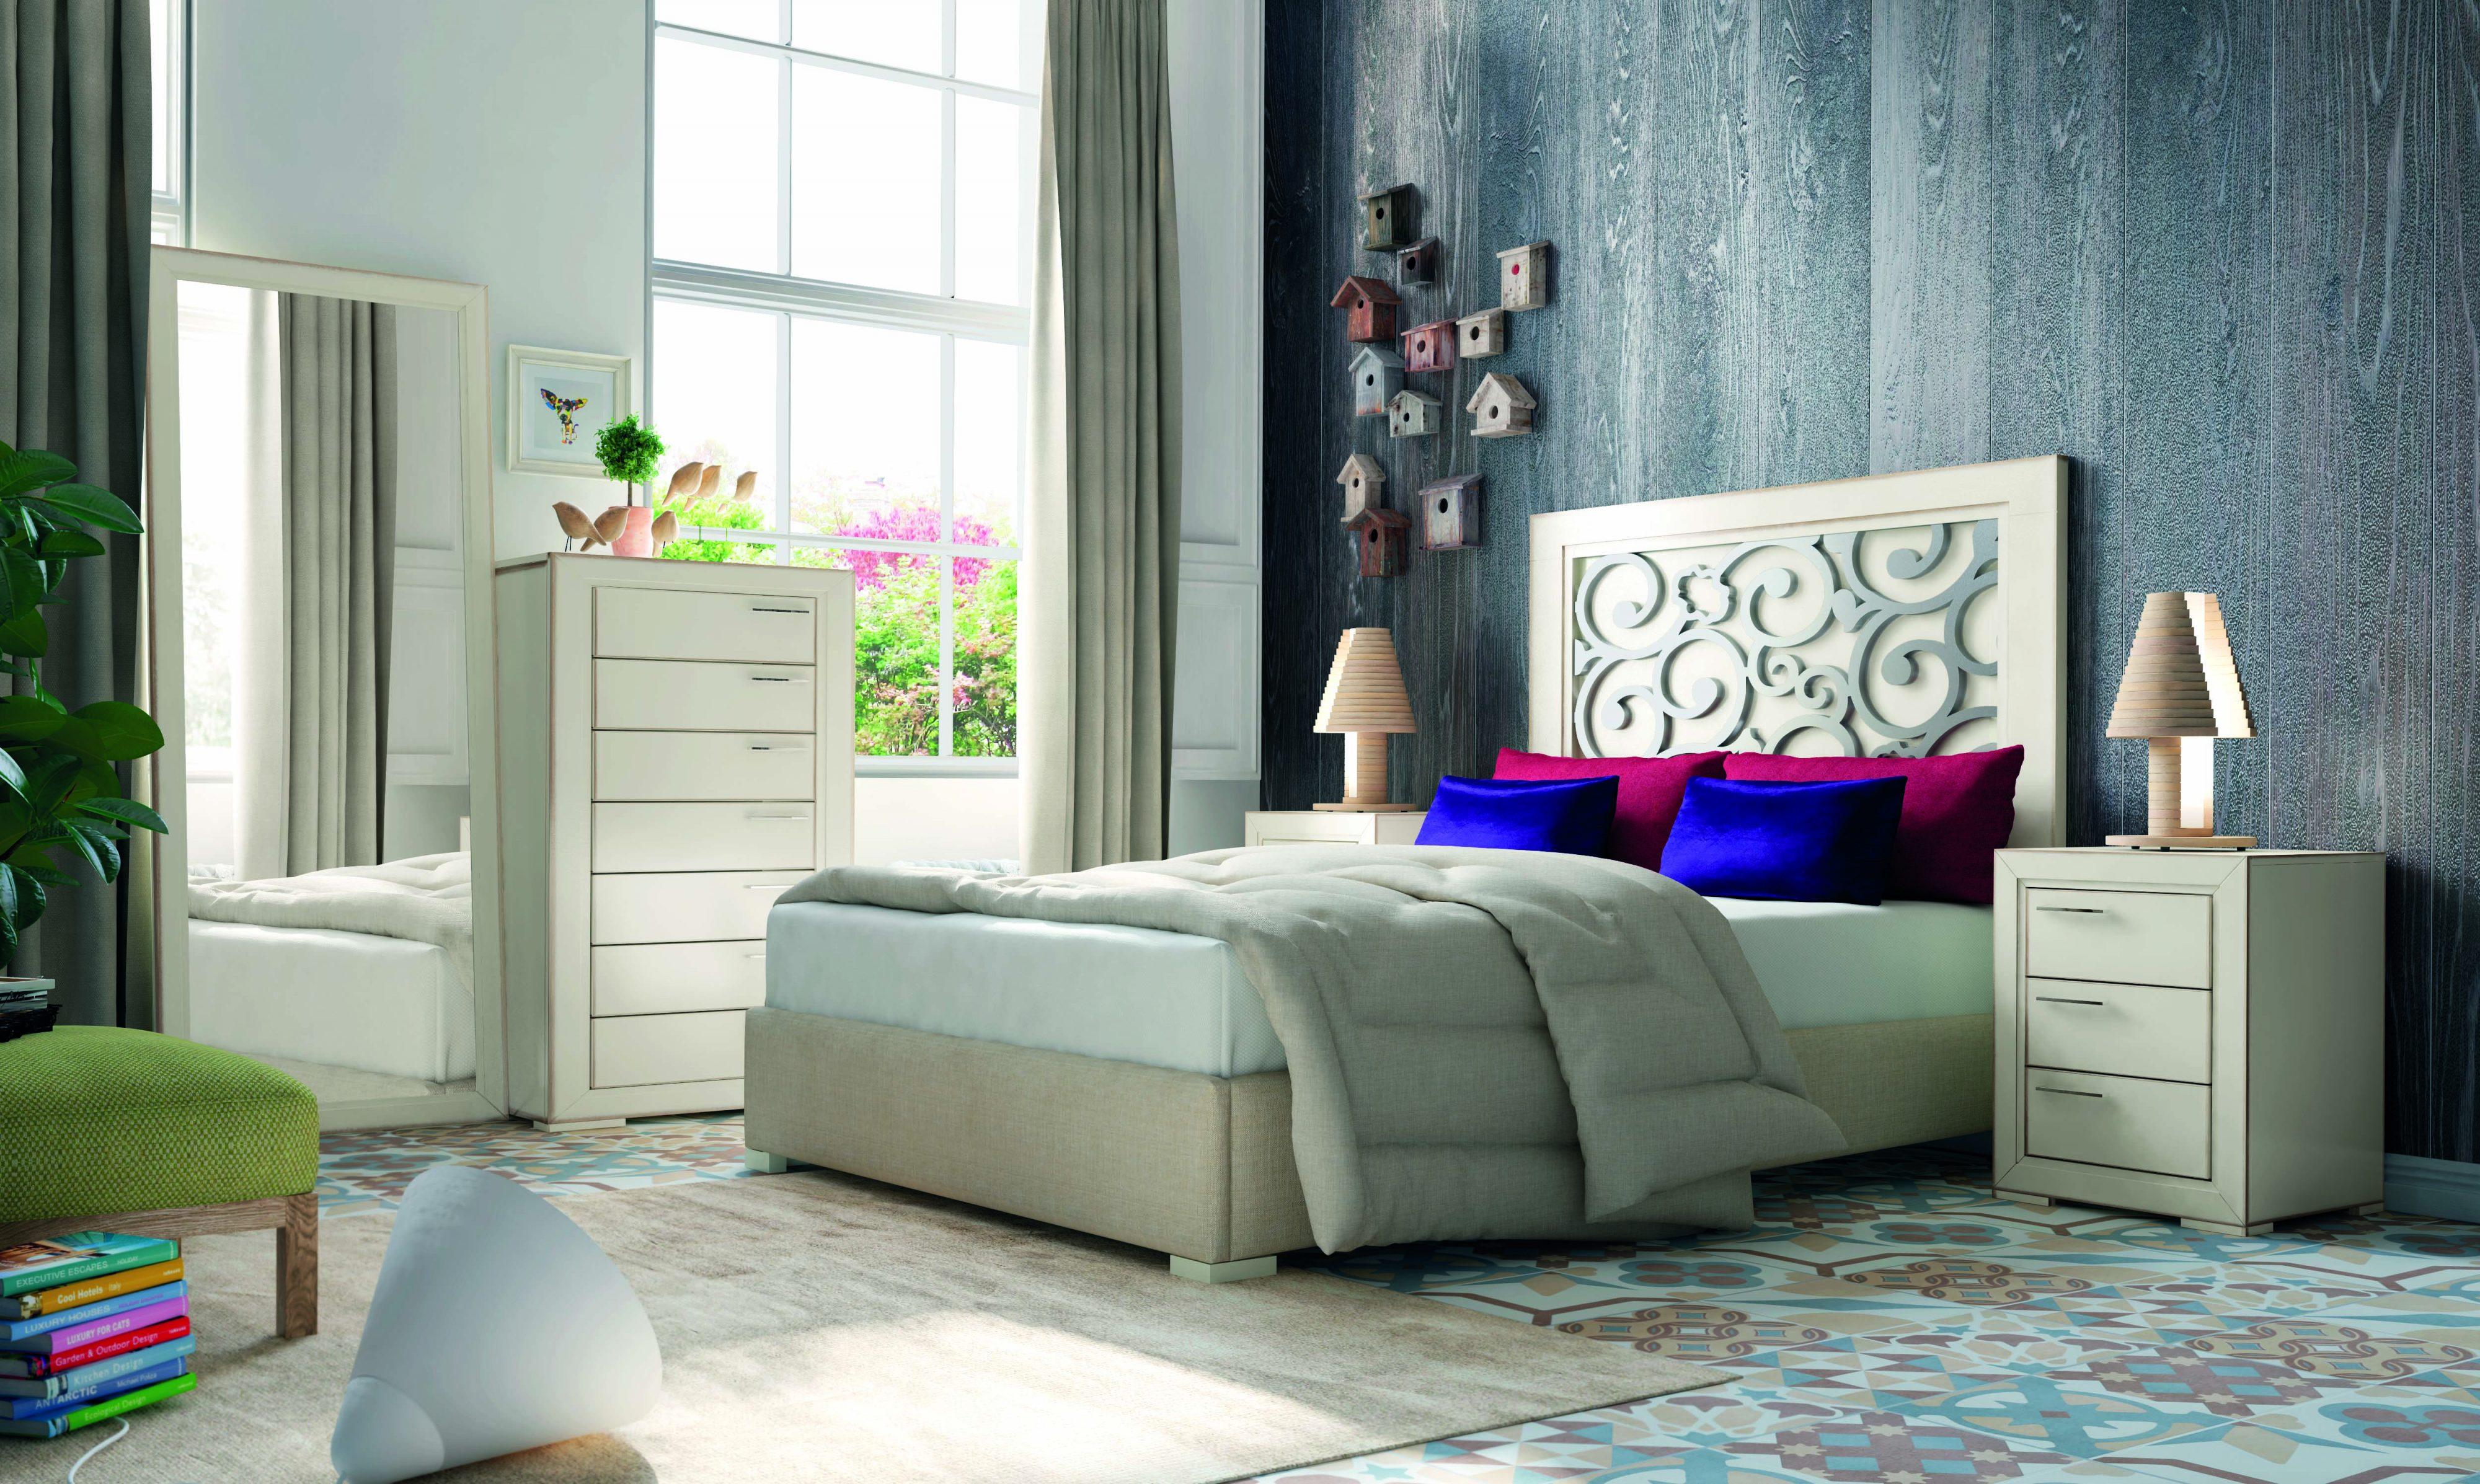 Dormitorio matrimonio en madera con cabecero estampado, para aquellos que buscan ambientes más elaborados.